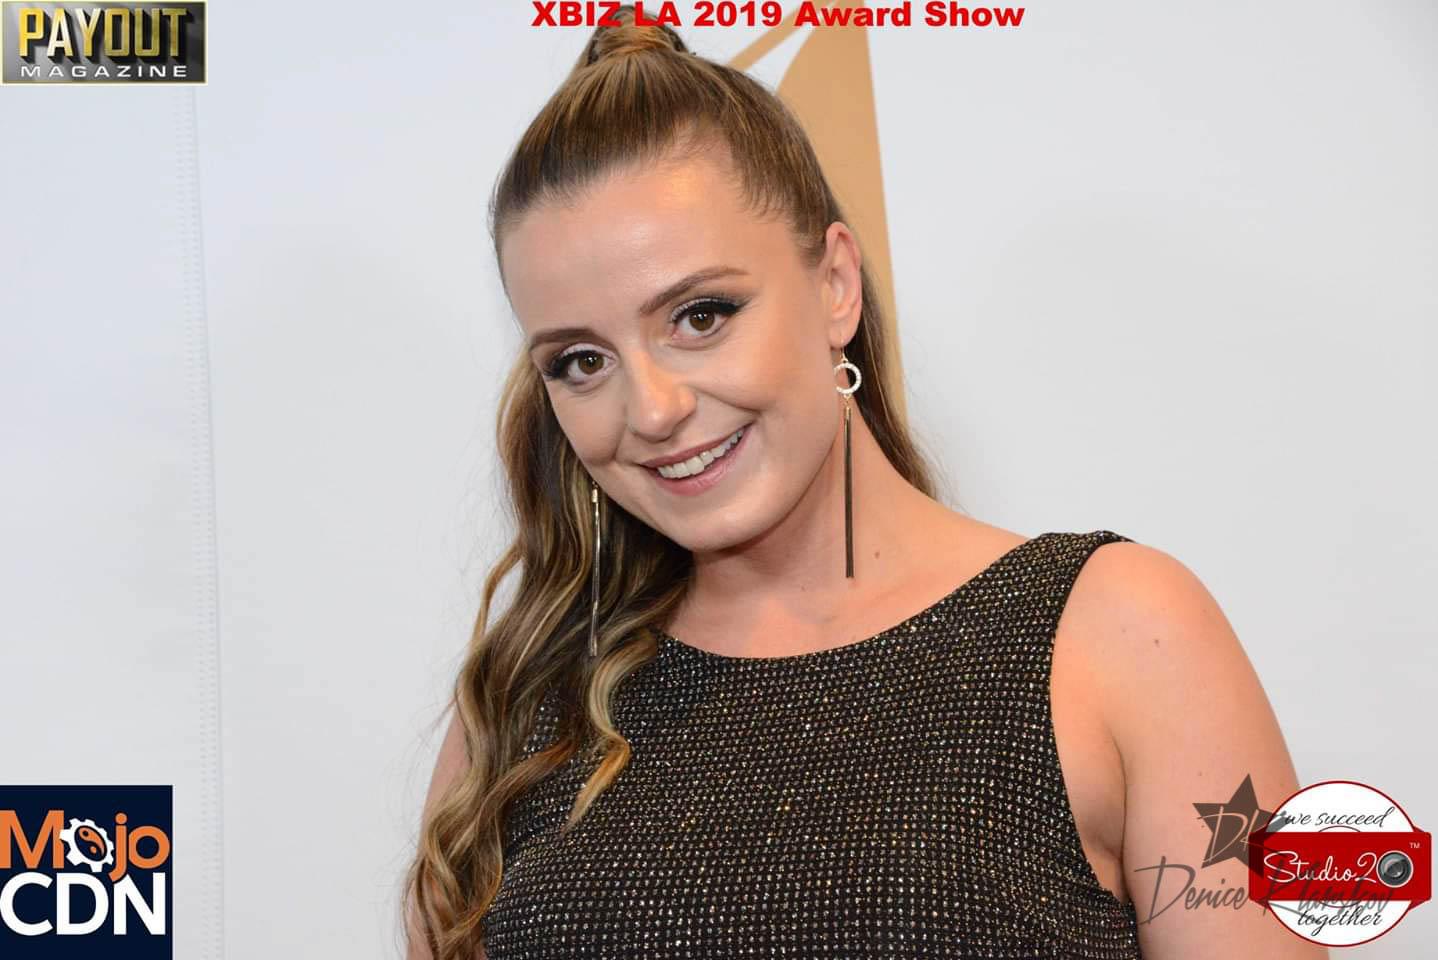 Denice til Xbiz awards